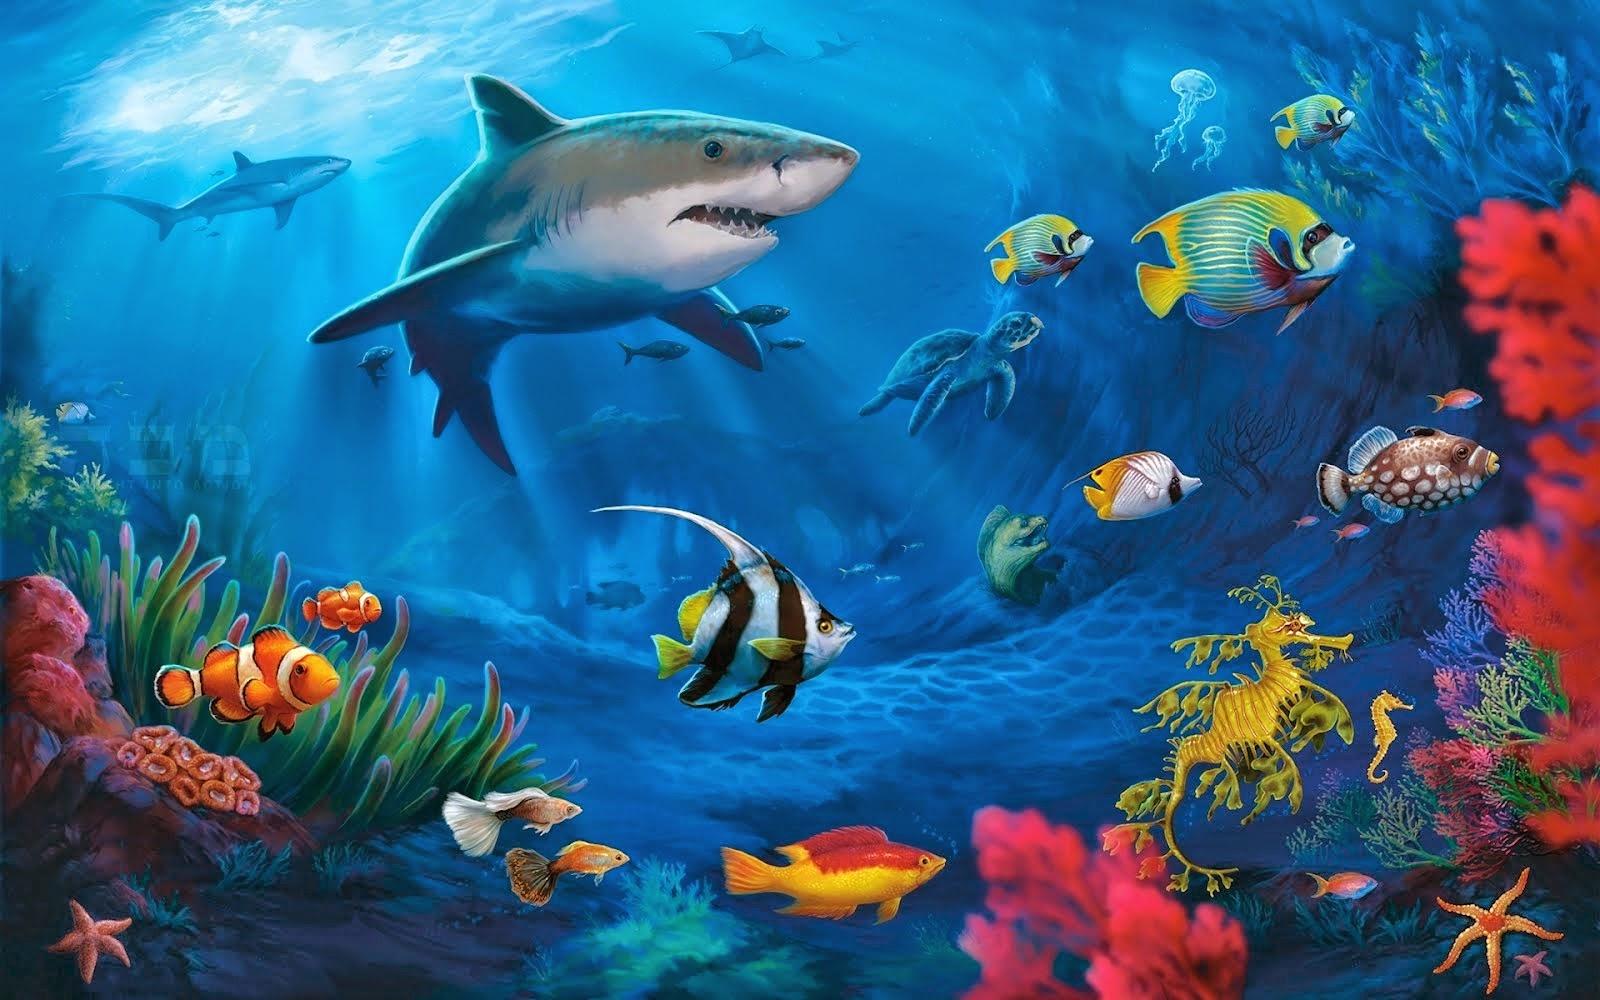 """"""" Vivamos los ecosistemas"""": ¡¡¡LOS ECOSISTEMAS!!!"""